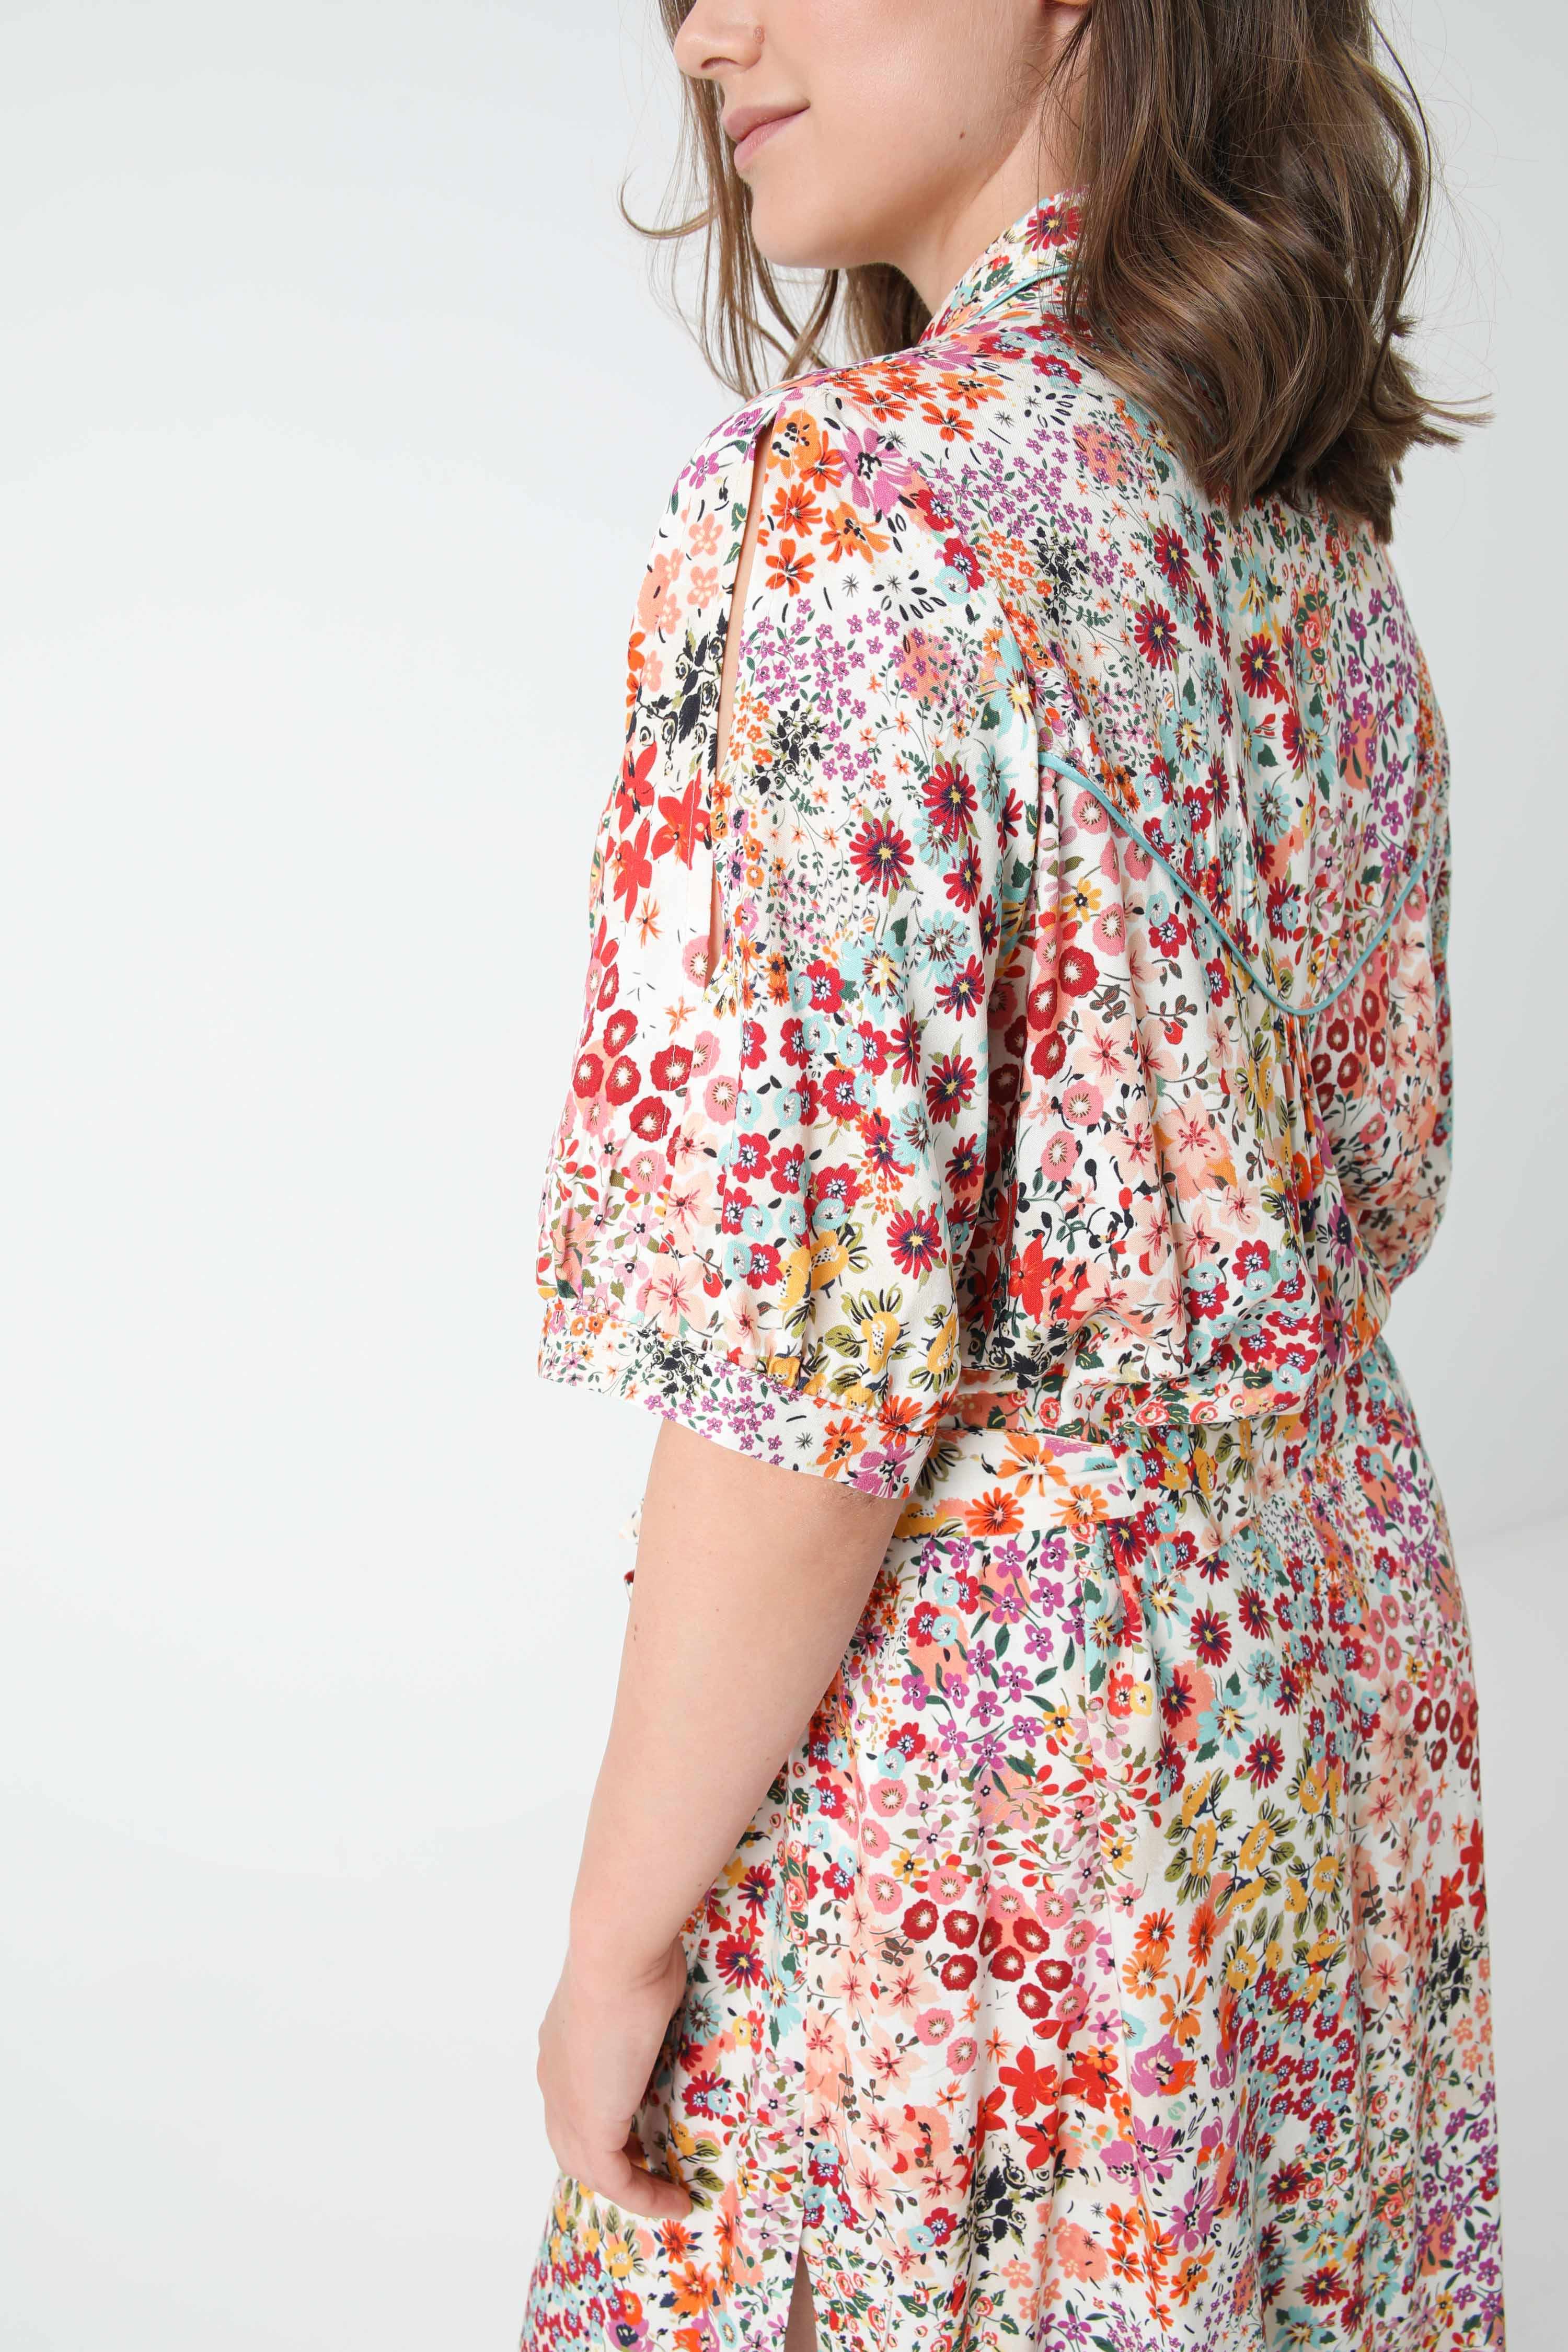 Printed shirt dress (shipping 25/30 May)